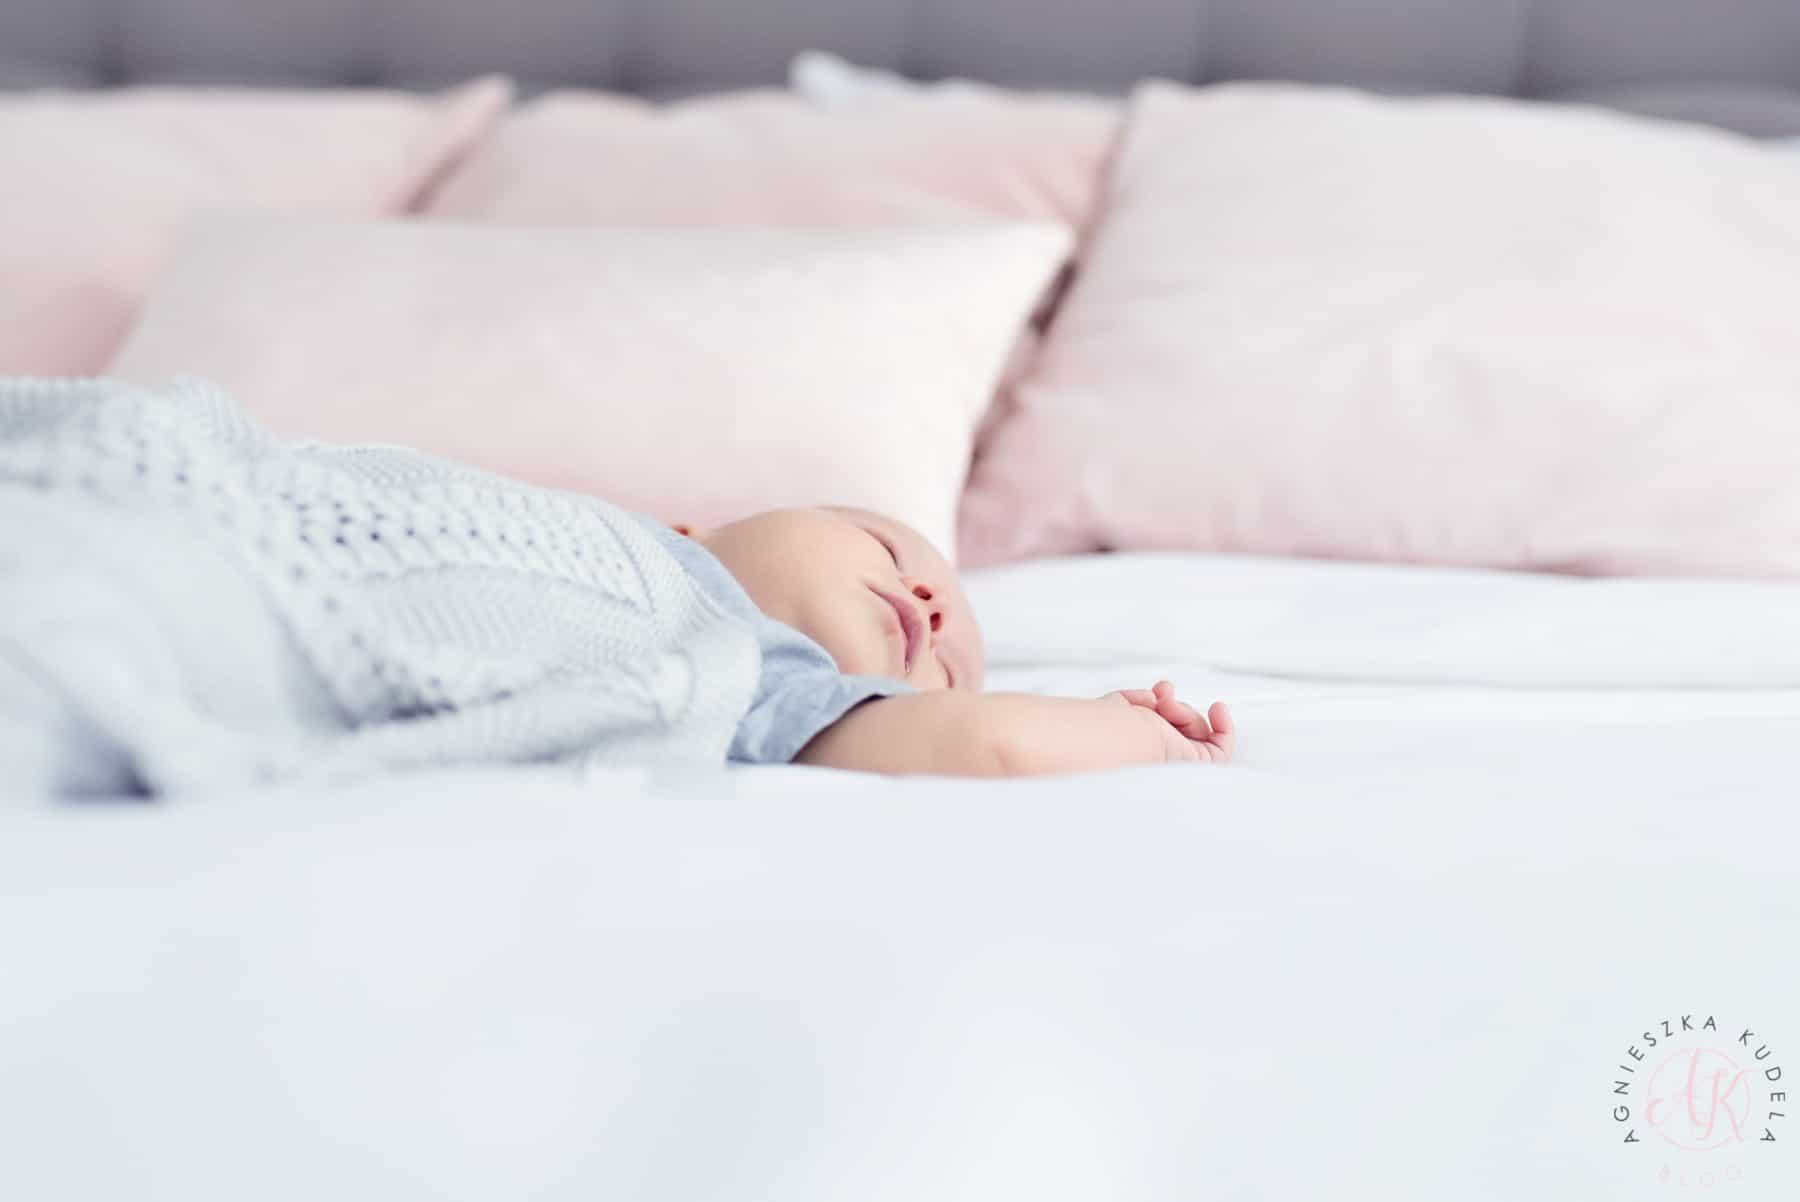 Śpiące niemowlę, biała pościel